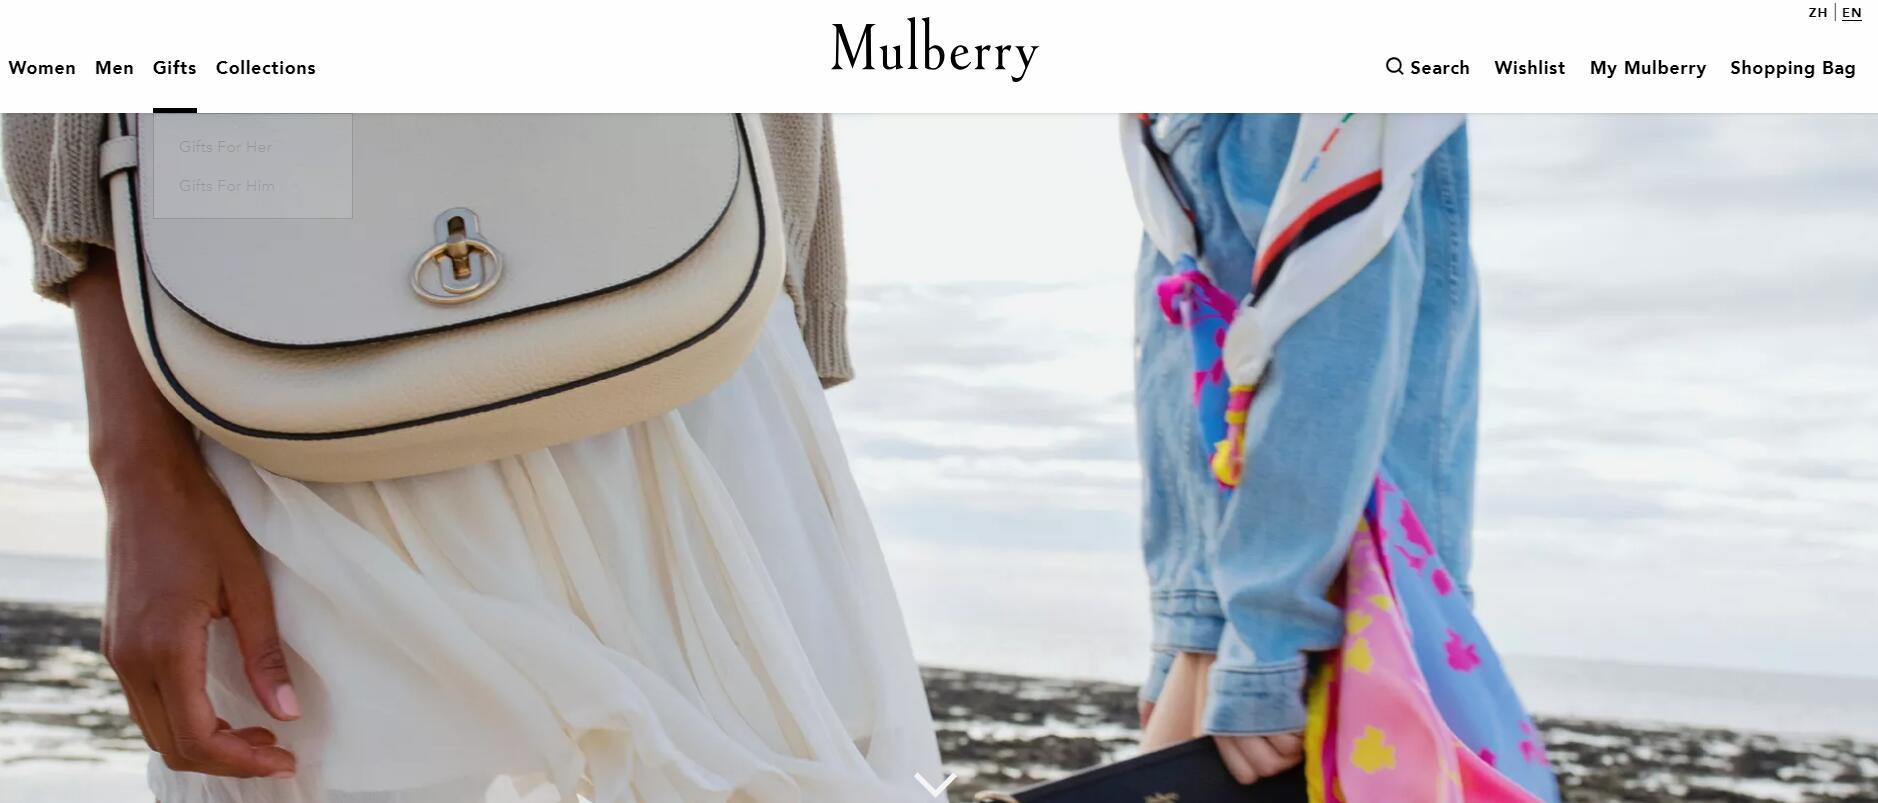 深入进博会八家时尚消费巨头的展台,我们发现了五个重要趋势丨《华丽志》现场报道